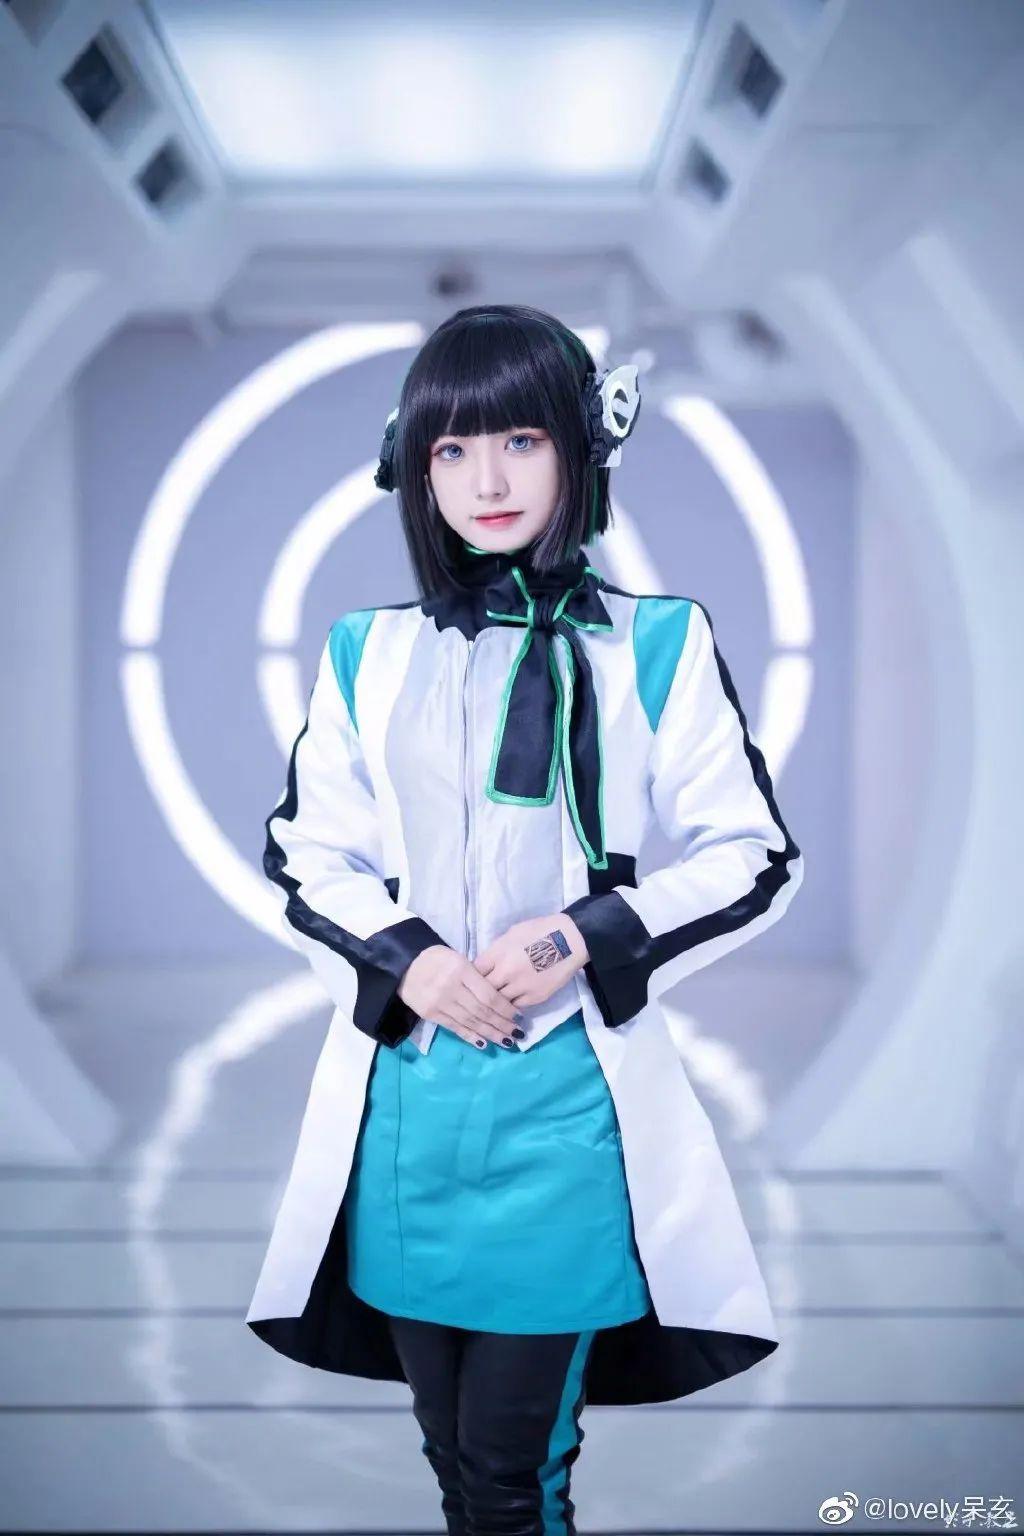 cosplay -《假面骑士零一》伊兹(@lovely呆玄 )_图片 No.10